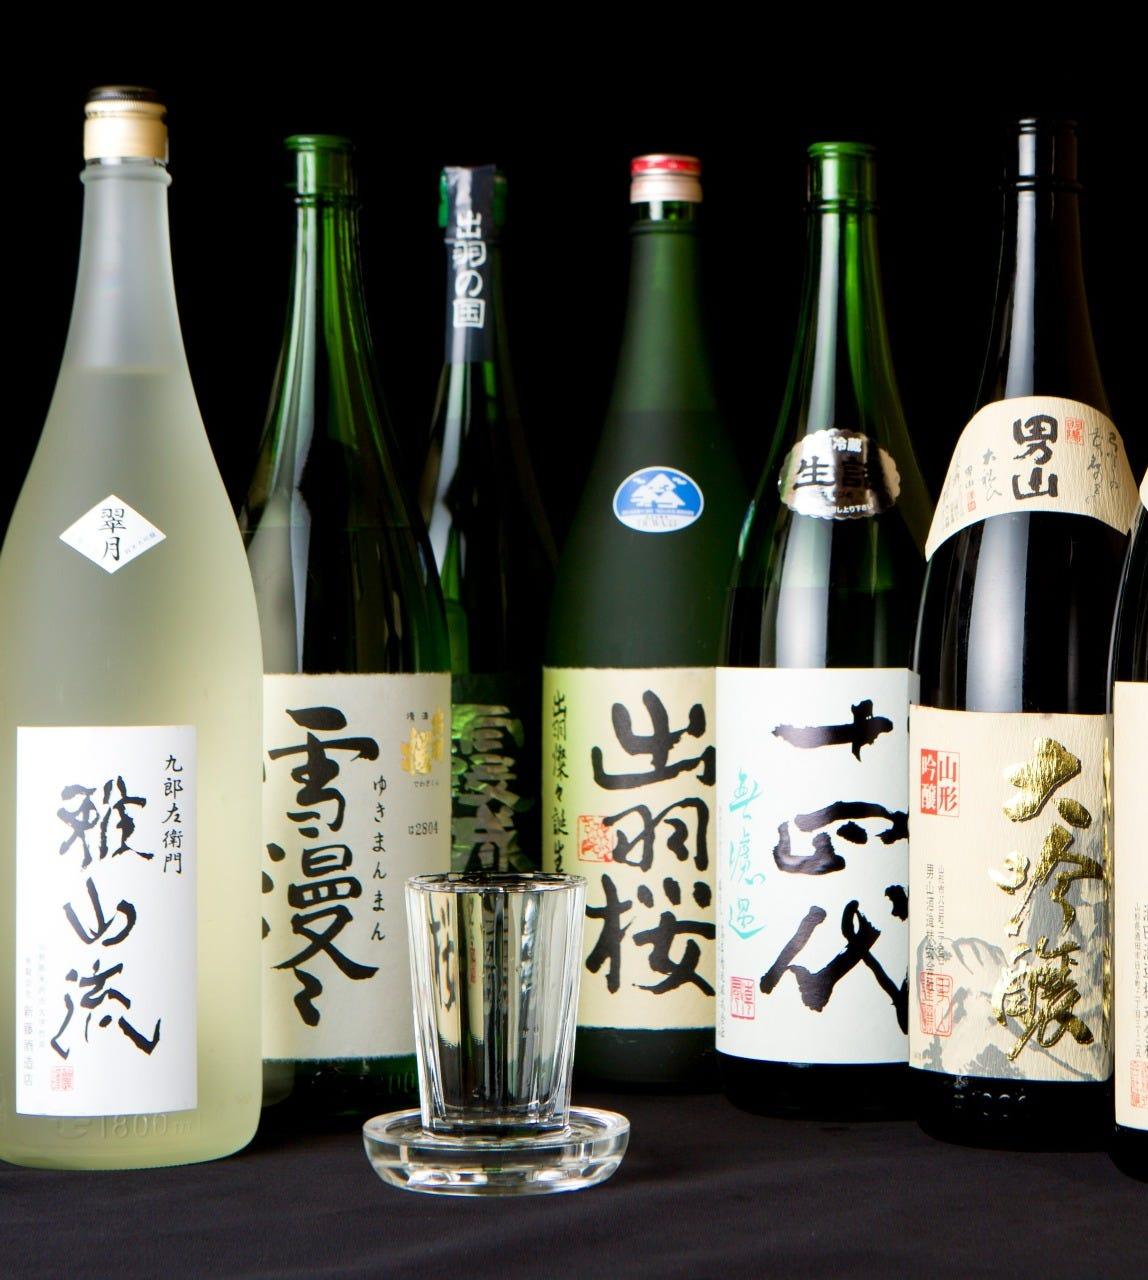 山形県内各地の地酒銘柄を じっくりと心ゆくまで